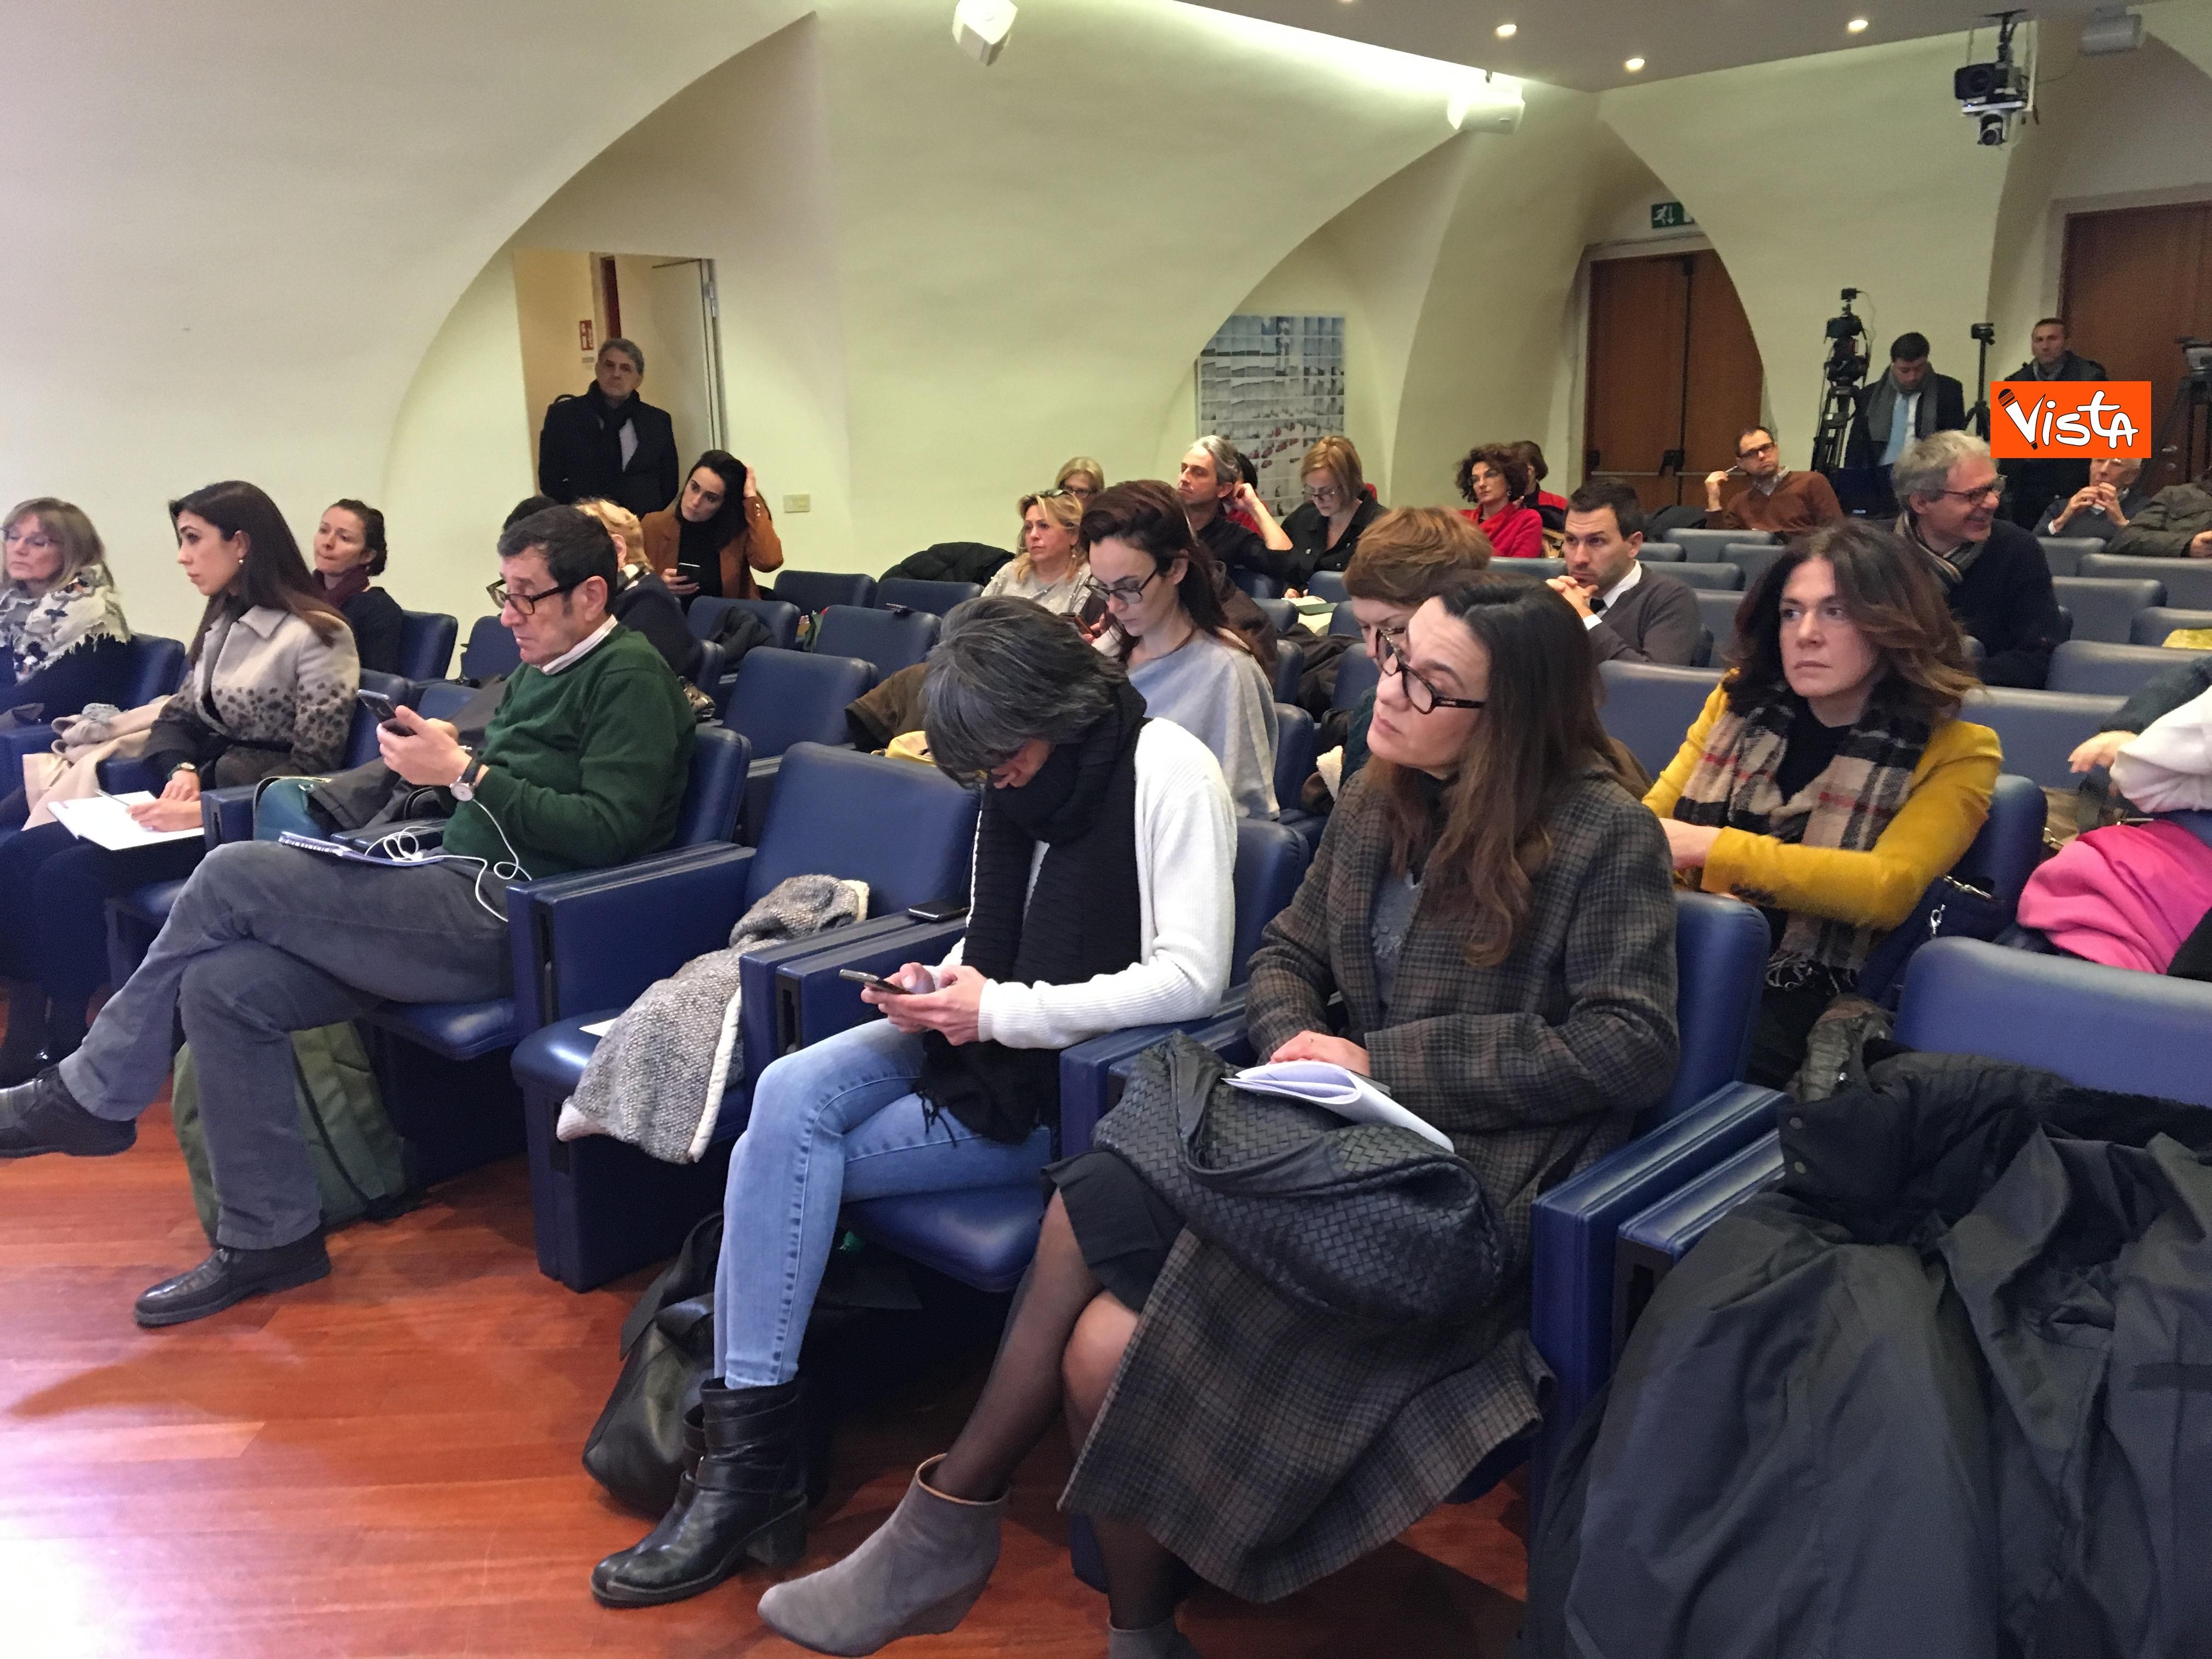 10-01-19 Bonisoli in conferenza stampa alla sede romana della stampa estera immagini_02